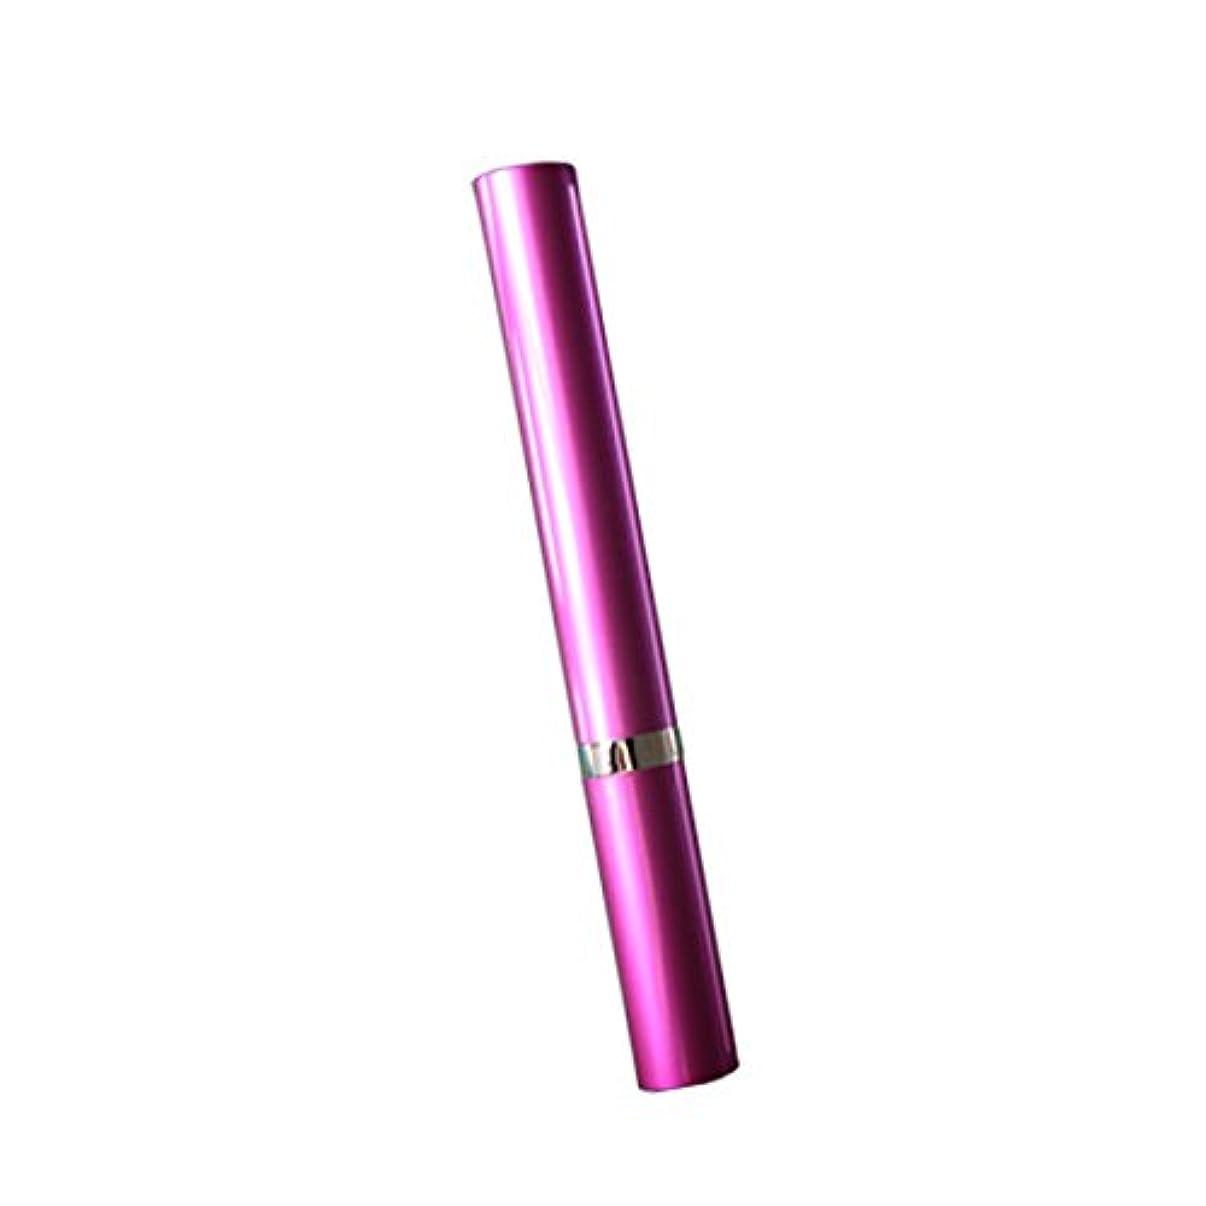 舞い上がる渇きブローホールおしゃれな電動歯ブラシ ビビッドピンク(スリム?コンパクト?音波歯ブラシ)毎分22000回音波振動